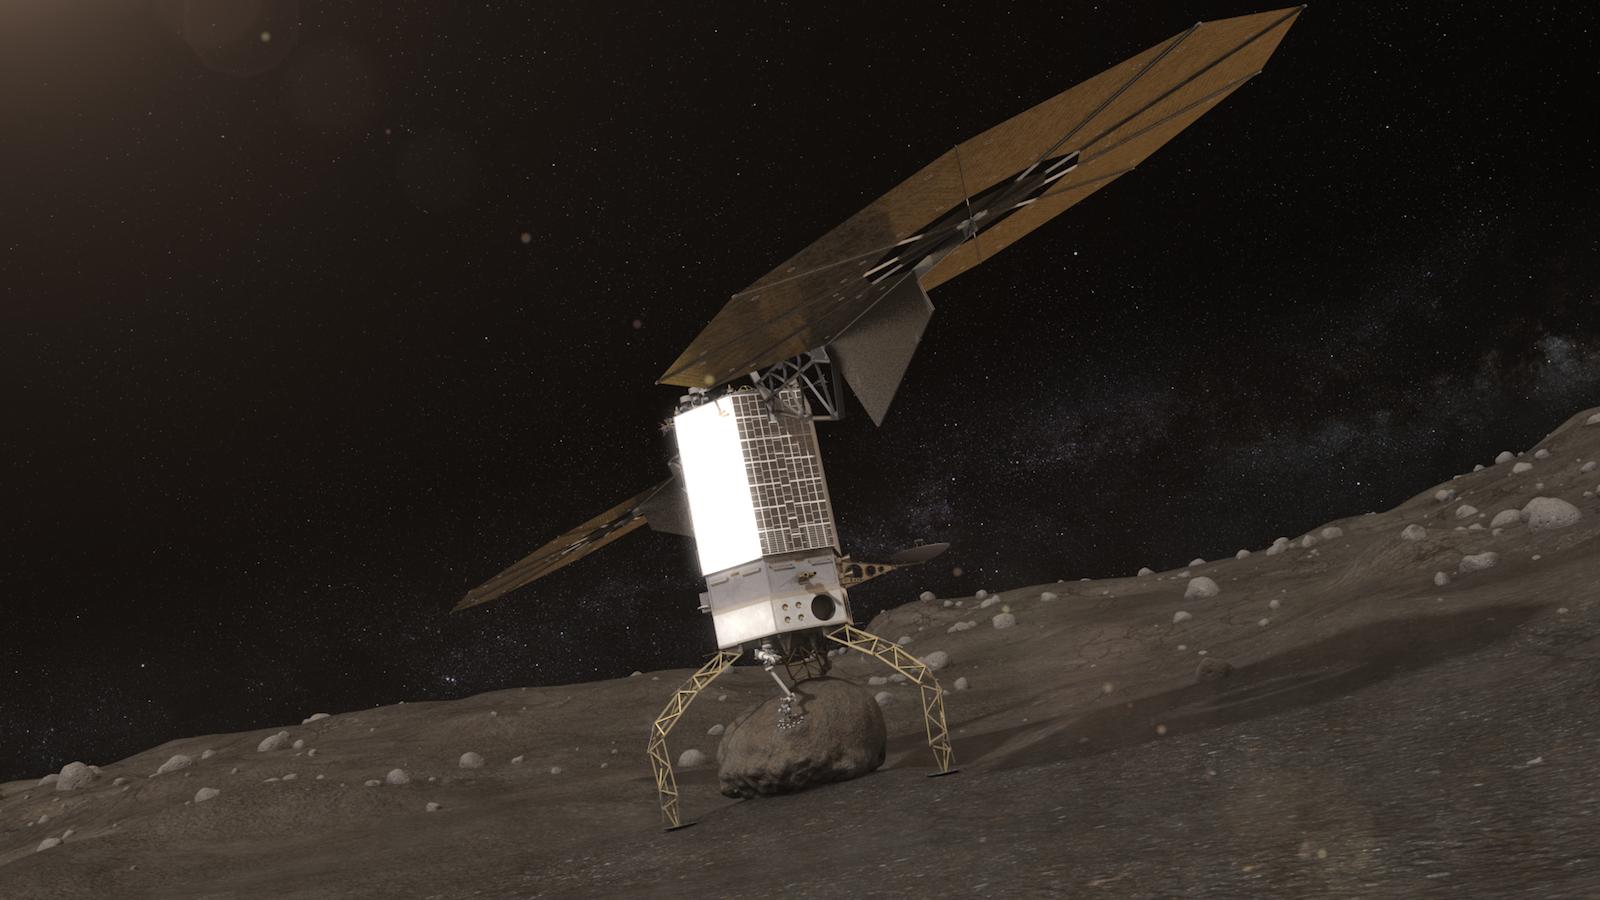 Eine NASA-Sonde fängt den Gesteinsbrocken eines Asteroiden ein und bugsiert ihn in eine Umlaufbahn des Mondes.